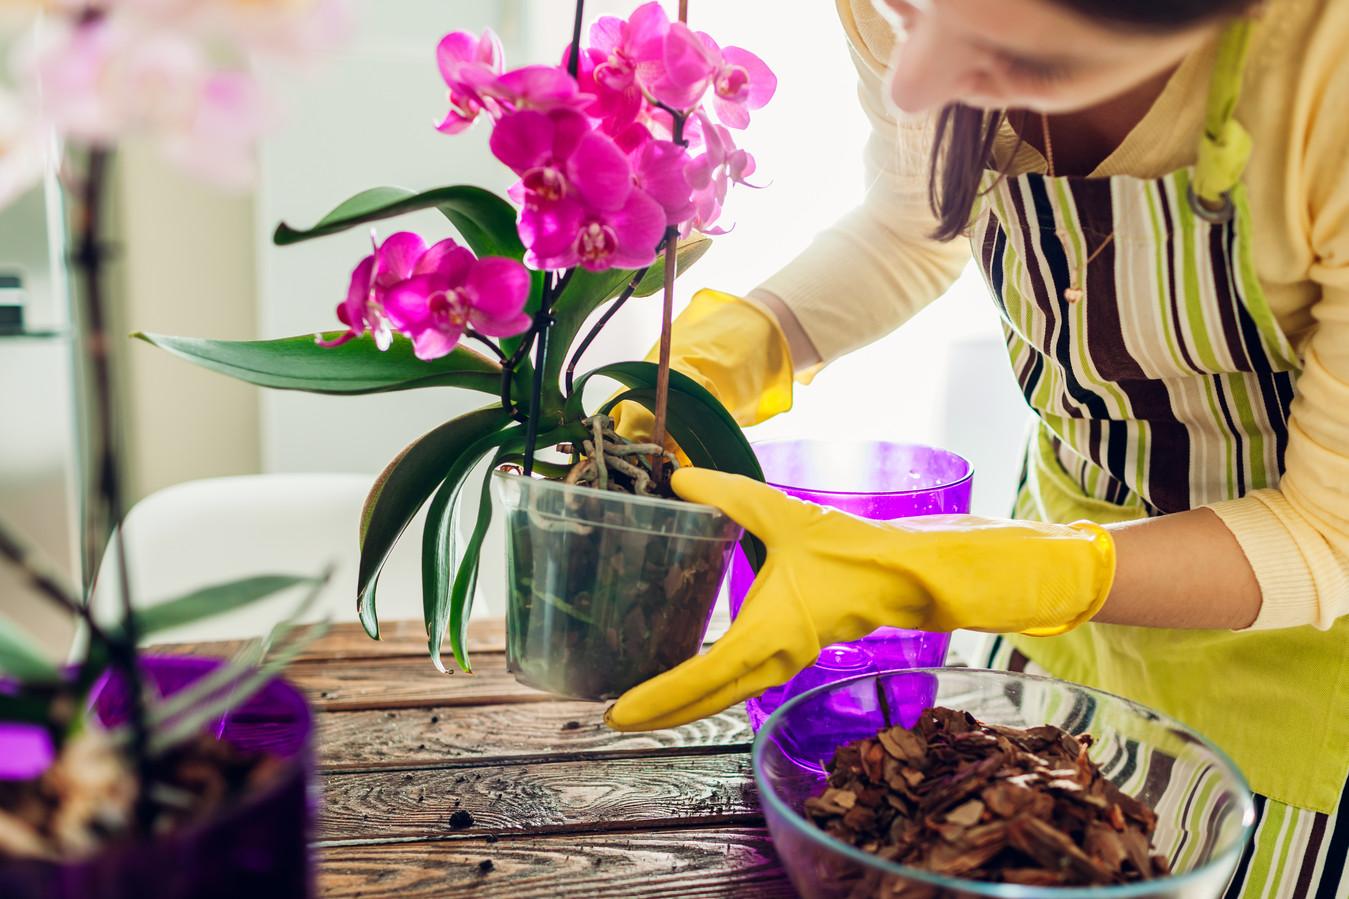 De orchidee is een populaire bloem voor in de woonkamer.